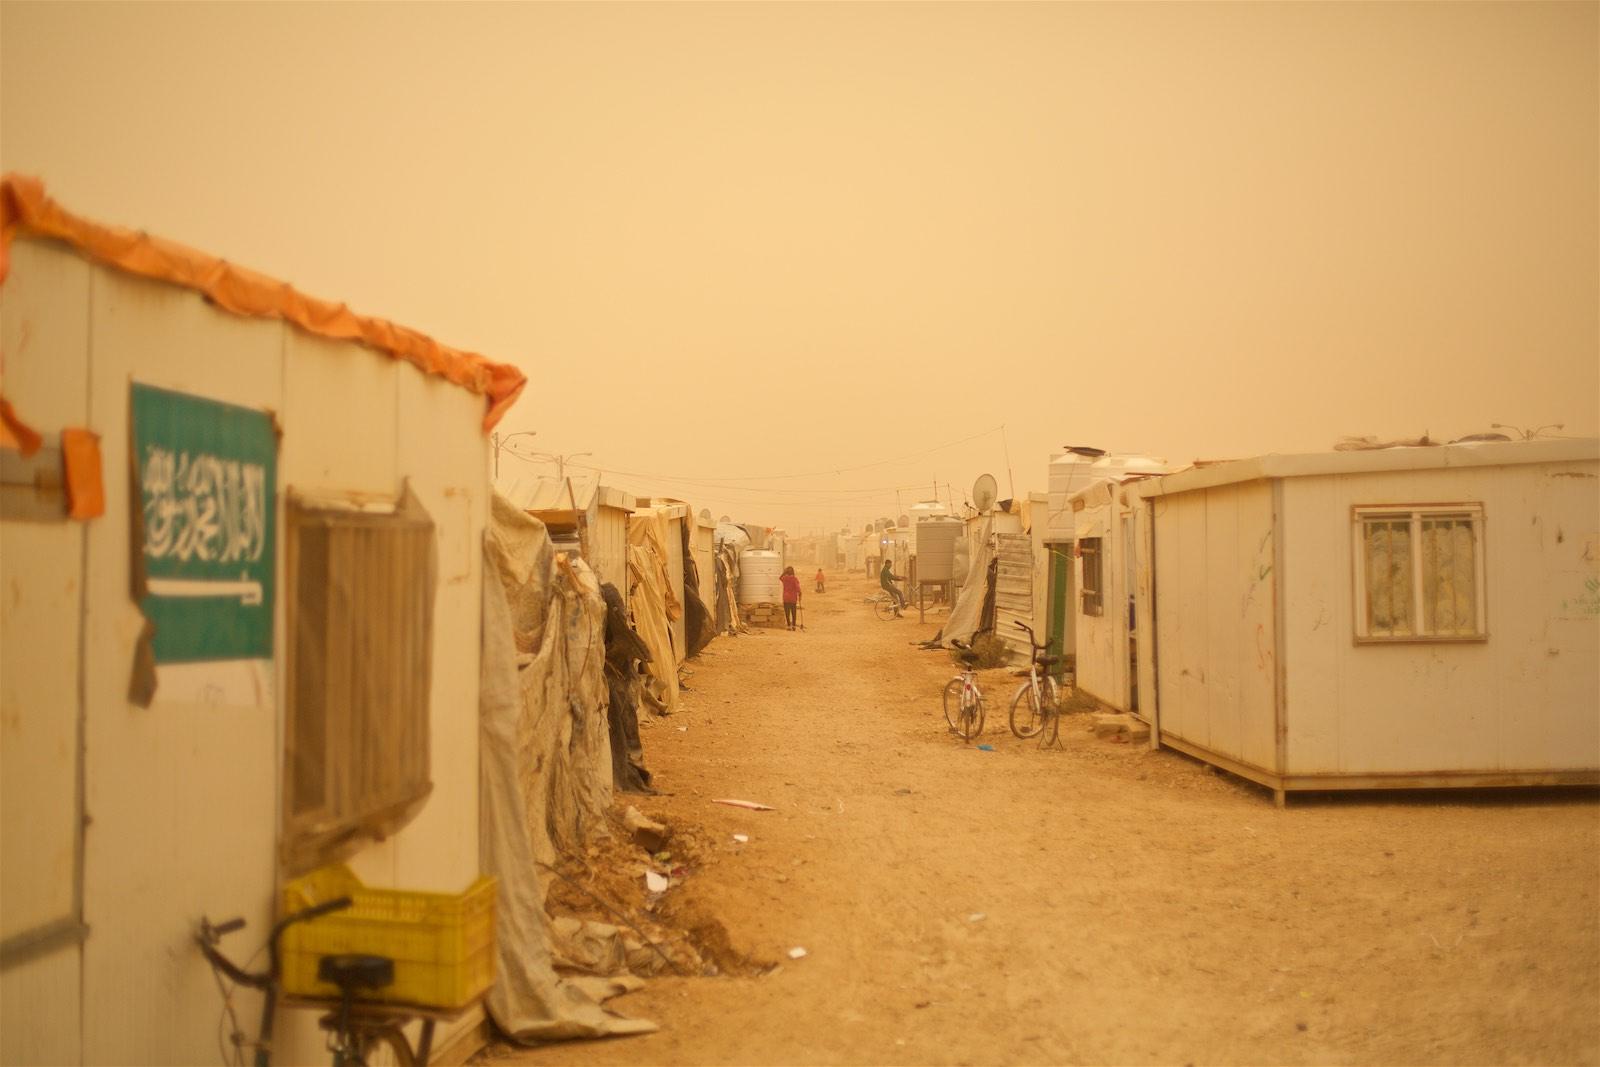 Začiatok piesočnej búrky v tábore Zaatari je pre fotografa vzrušujúca vec: všetko, od oblohy až po vzduch, je sfarbené do odtieňov žltej a ruźovej. Dýchanie tejto krásy poteší menej.(photo: Denis Bosnič)